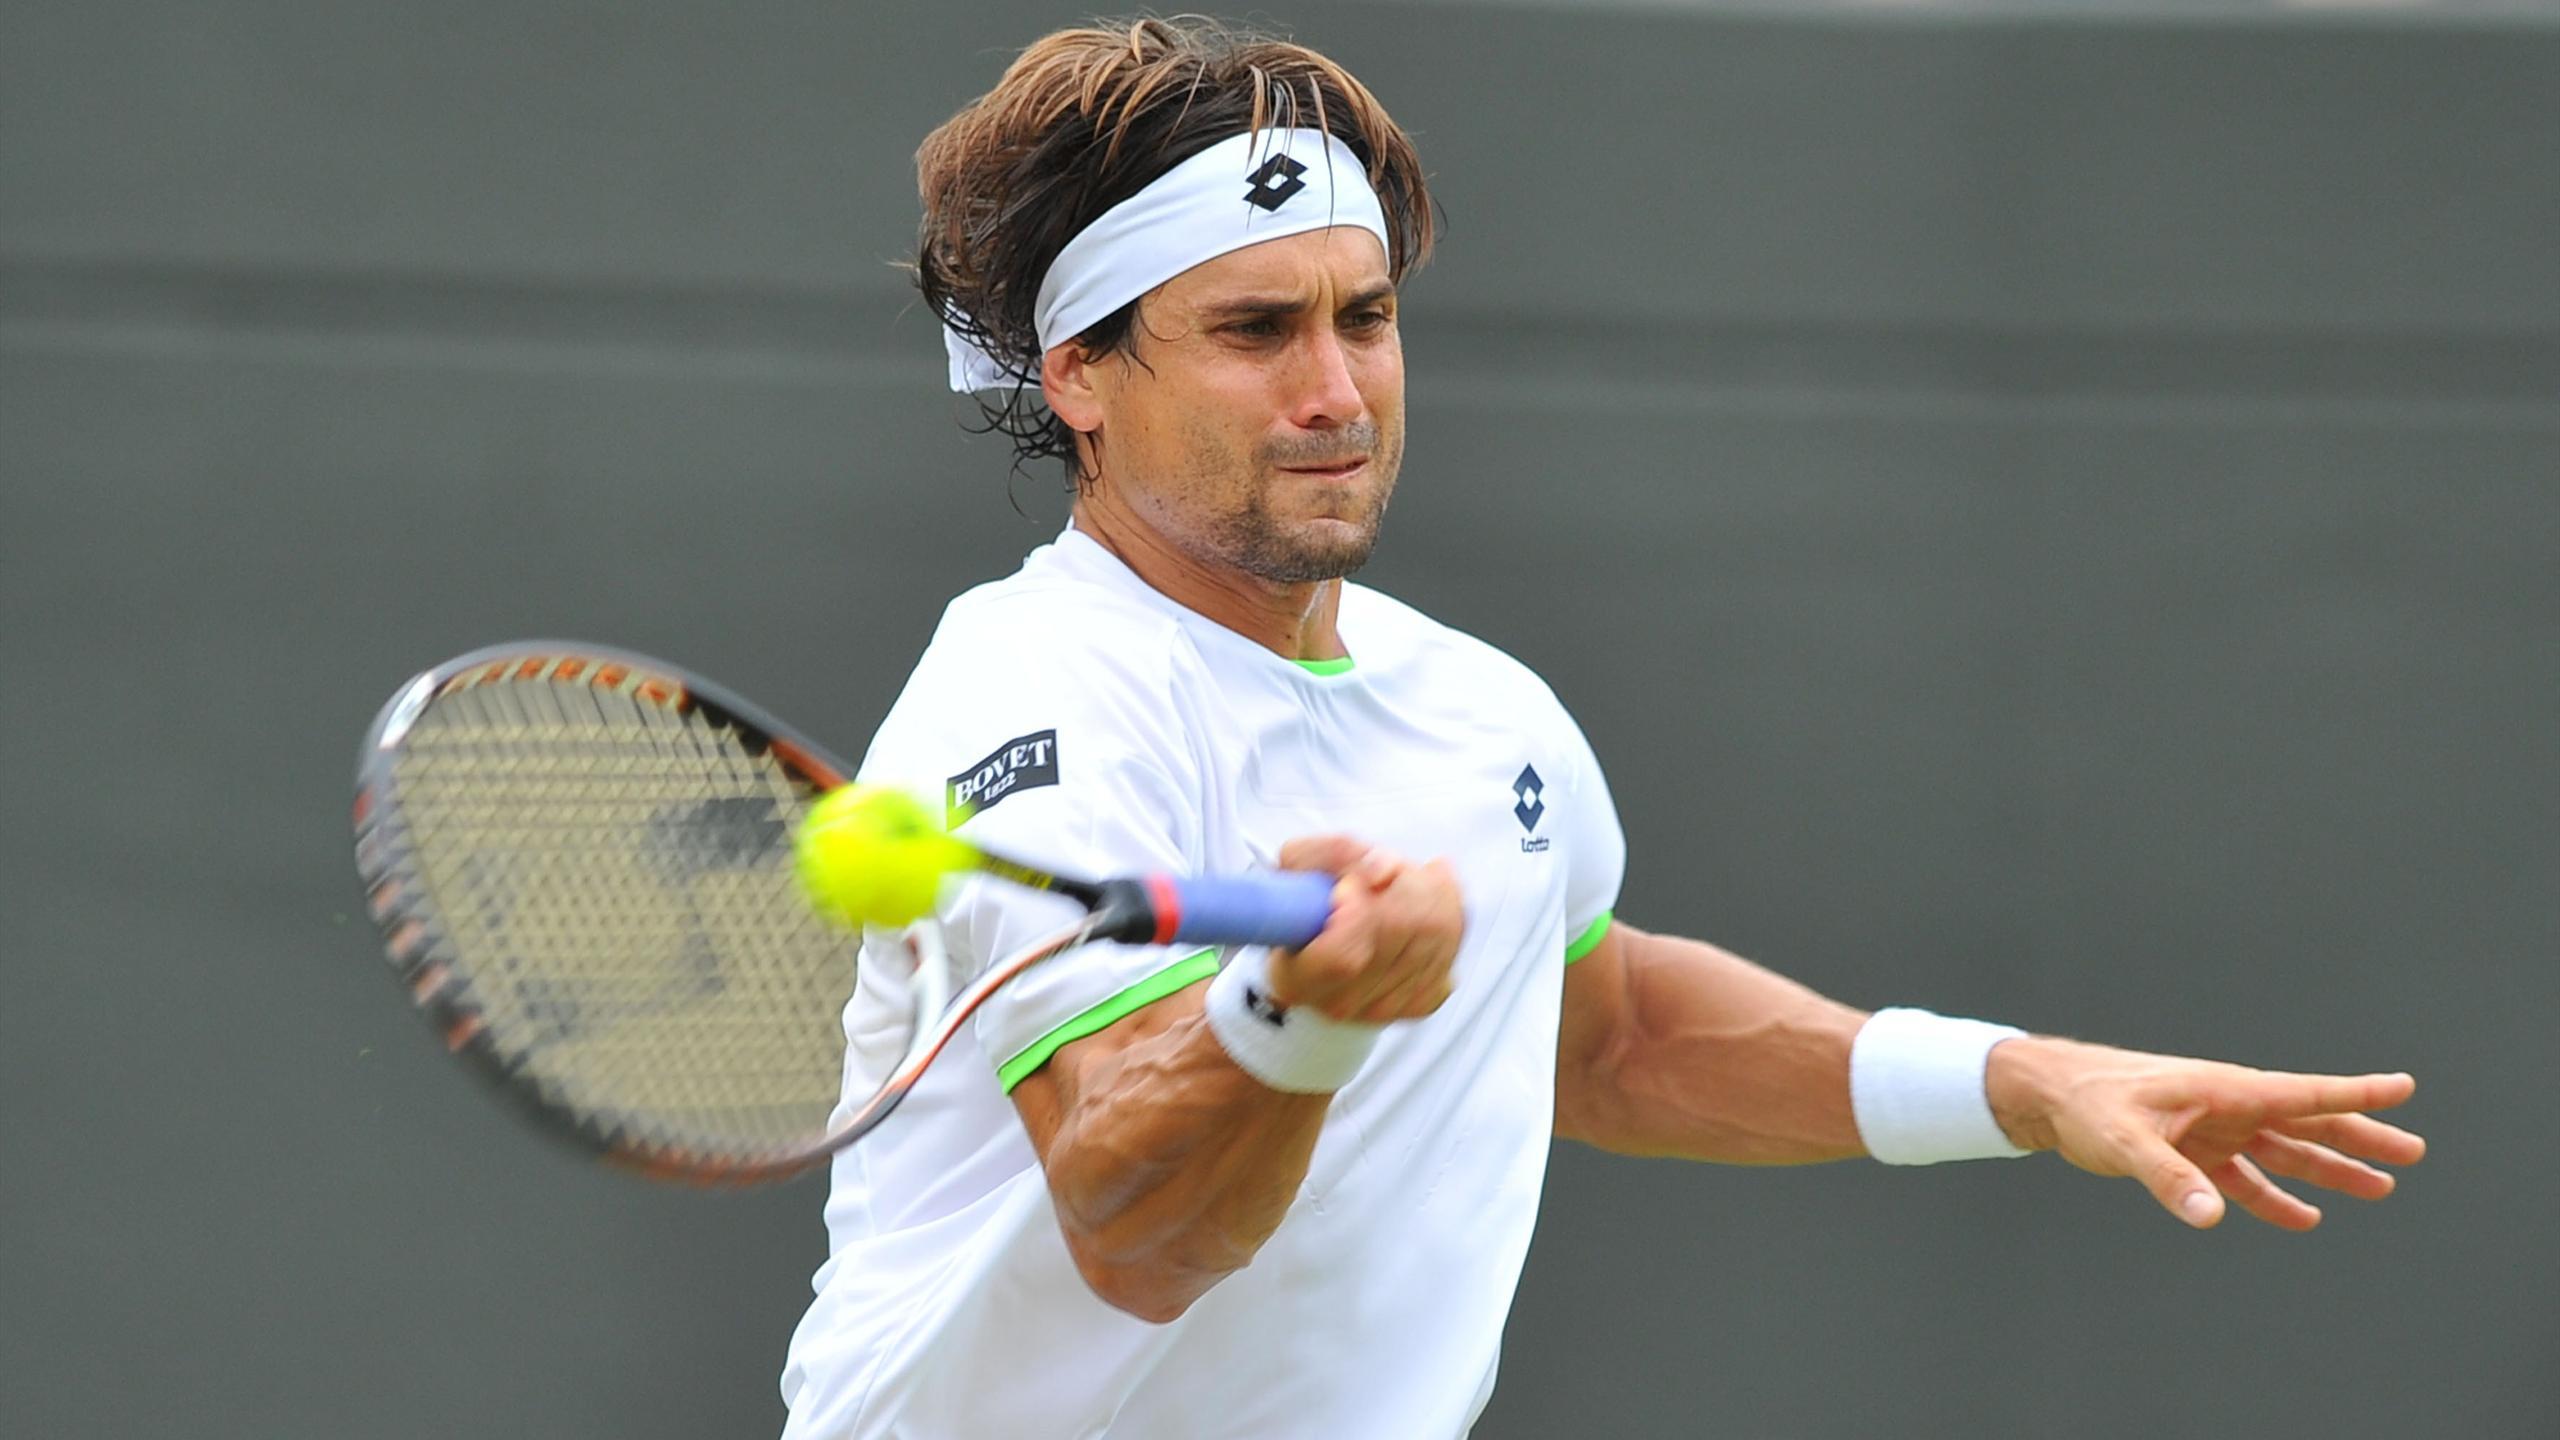 David Ferrer en 2013 sur le gazon de Wimbledon.